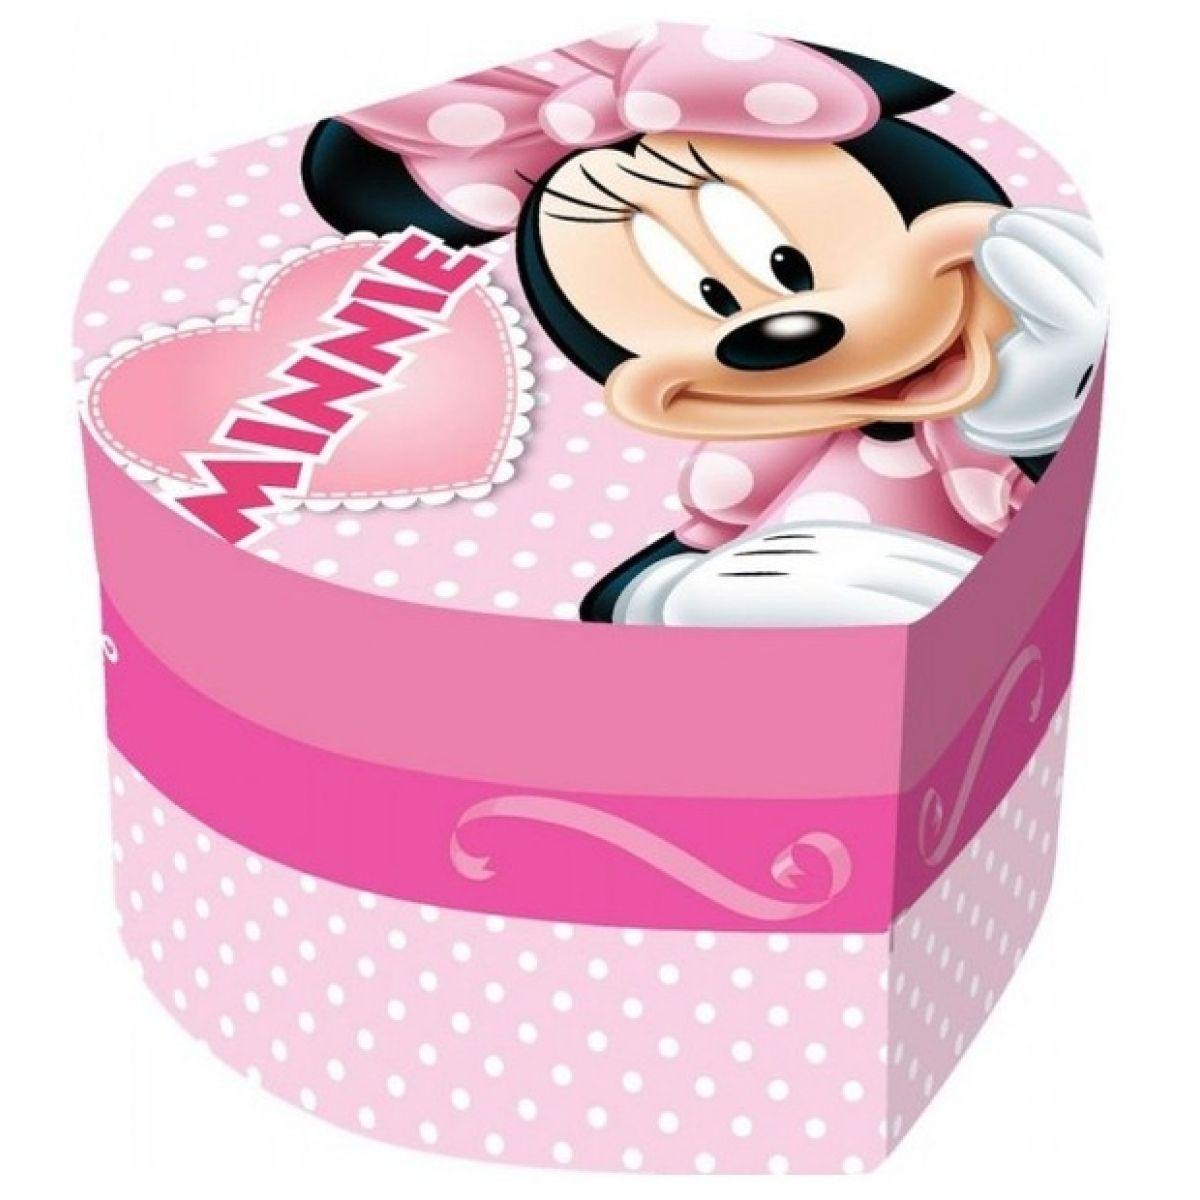 Šperkovnice Minnie srdce